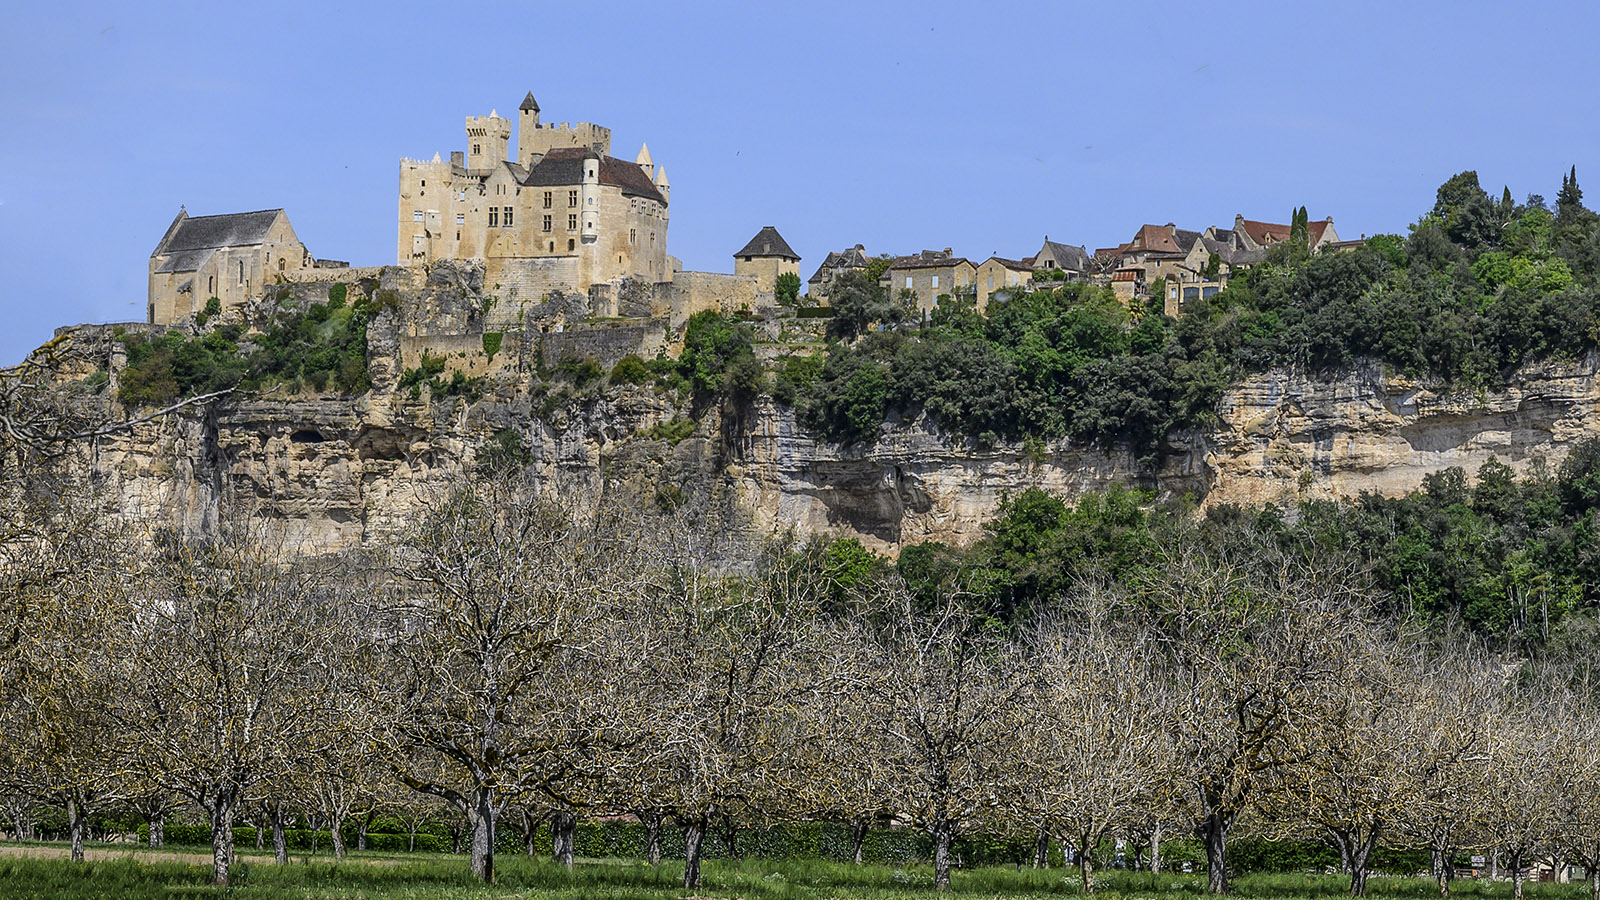 Beynac mit seiner Burg - hoch auf einer Kalklippe über den Nusshainen auf dem Schwemmland der Dordogne. Foto: Hilke Maunder